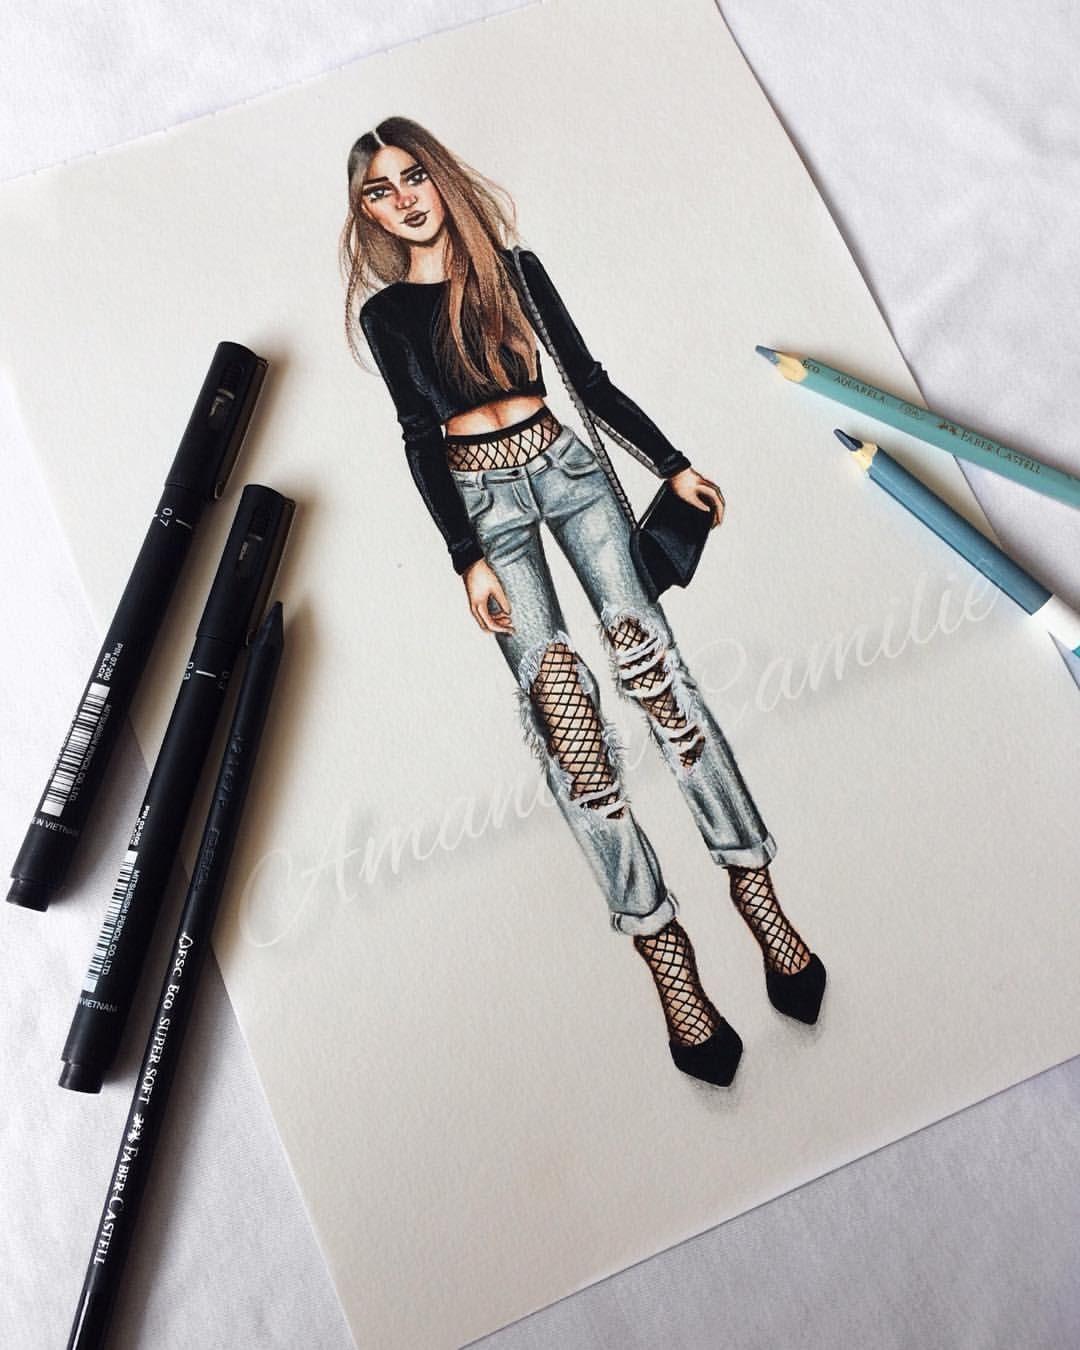 Tenho um amor tão grande por jeans • • • • #fashion #fashionart #fashionillustration #fashionillustrator #fashiondesigner #design…